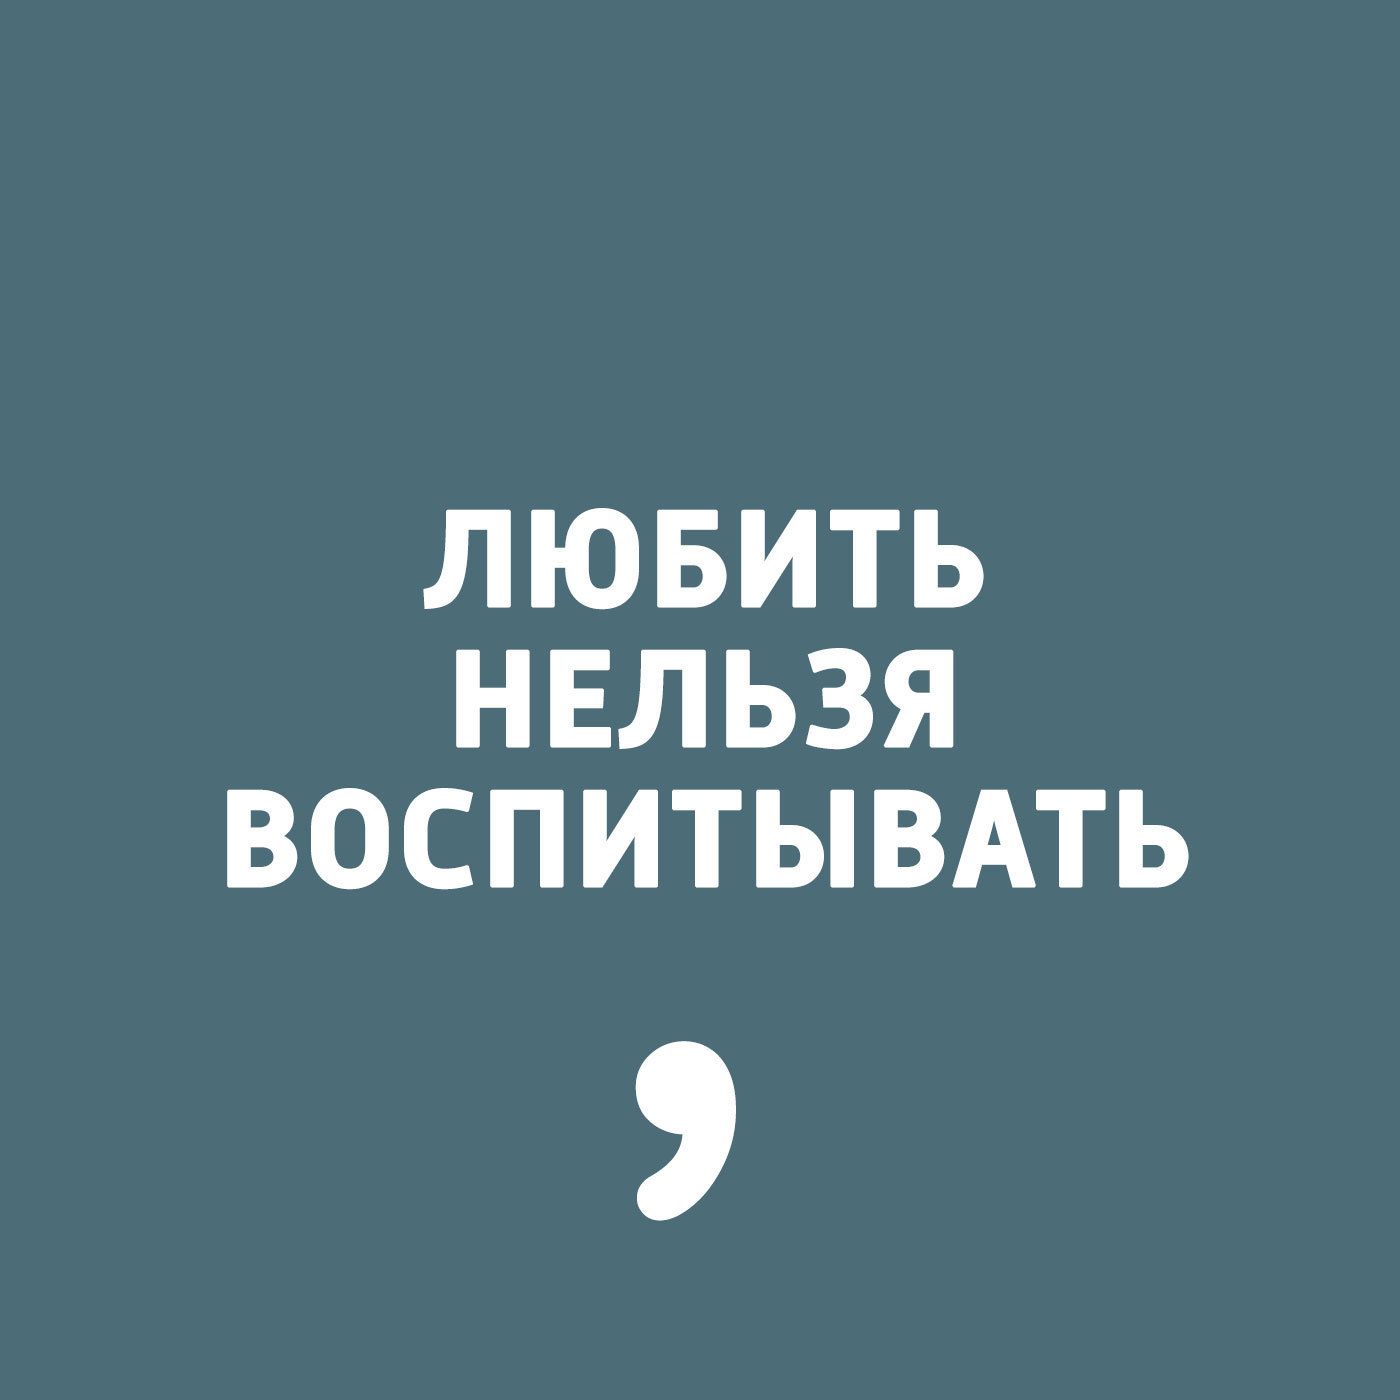 Дима Зицер Выпуск 22 дима зицер любить нельзя воспитывать